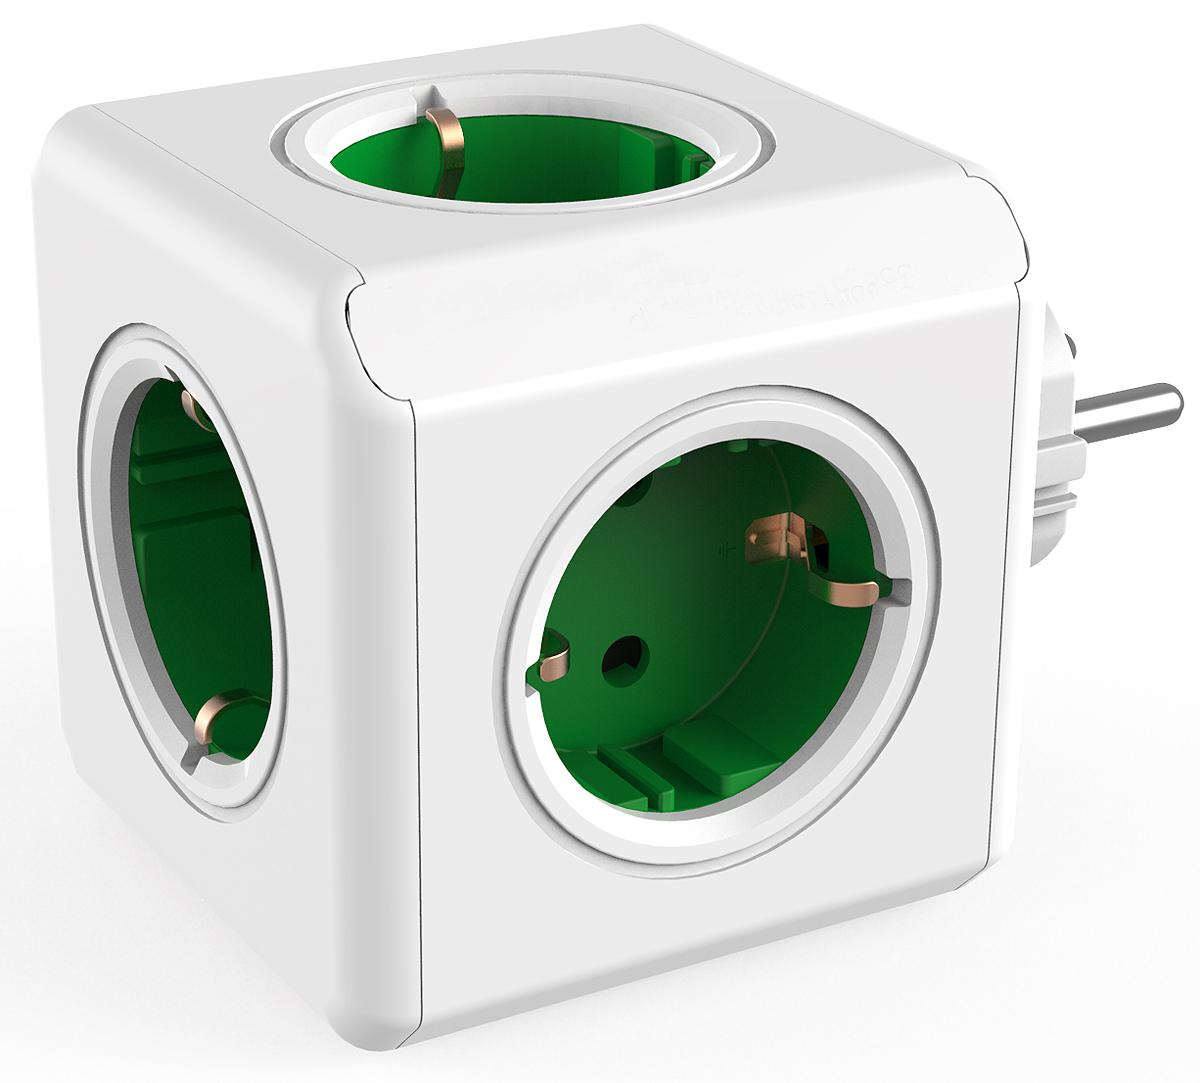 Allocacoc Original, Green сетевой разветвитель